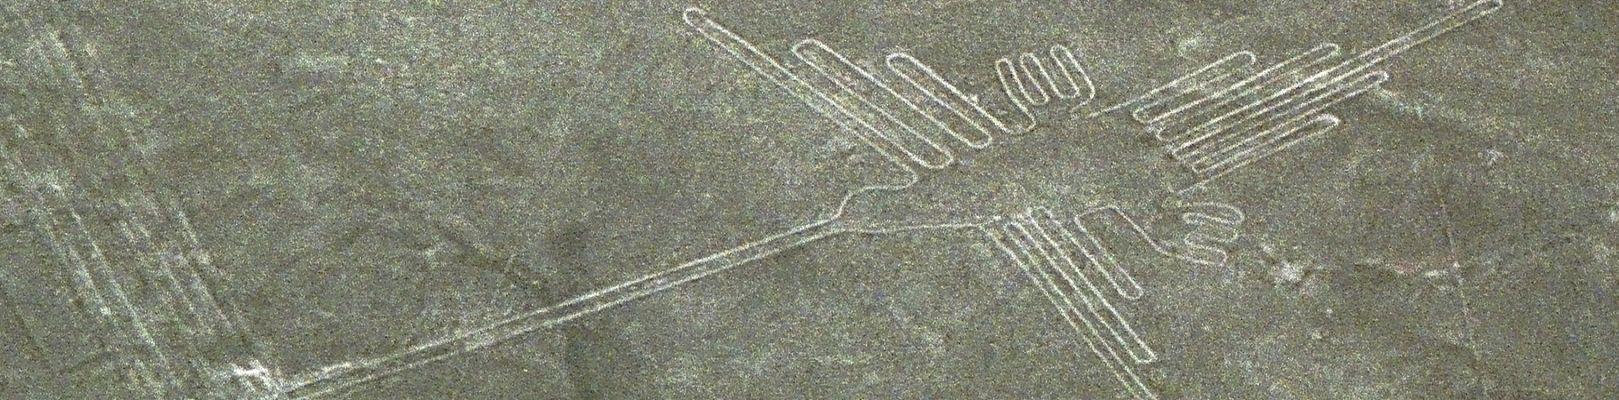 lignes-de-nazca-colibri